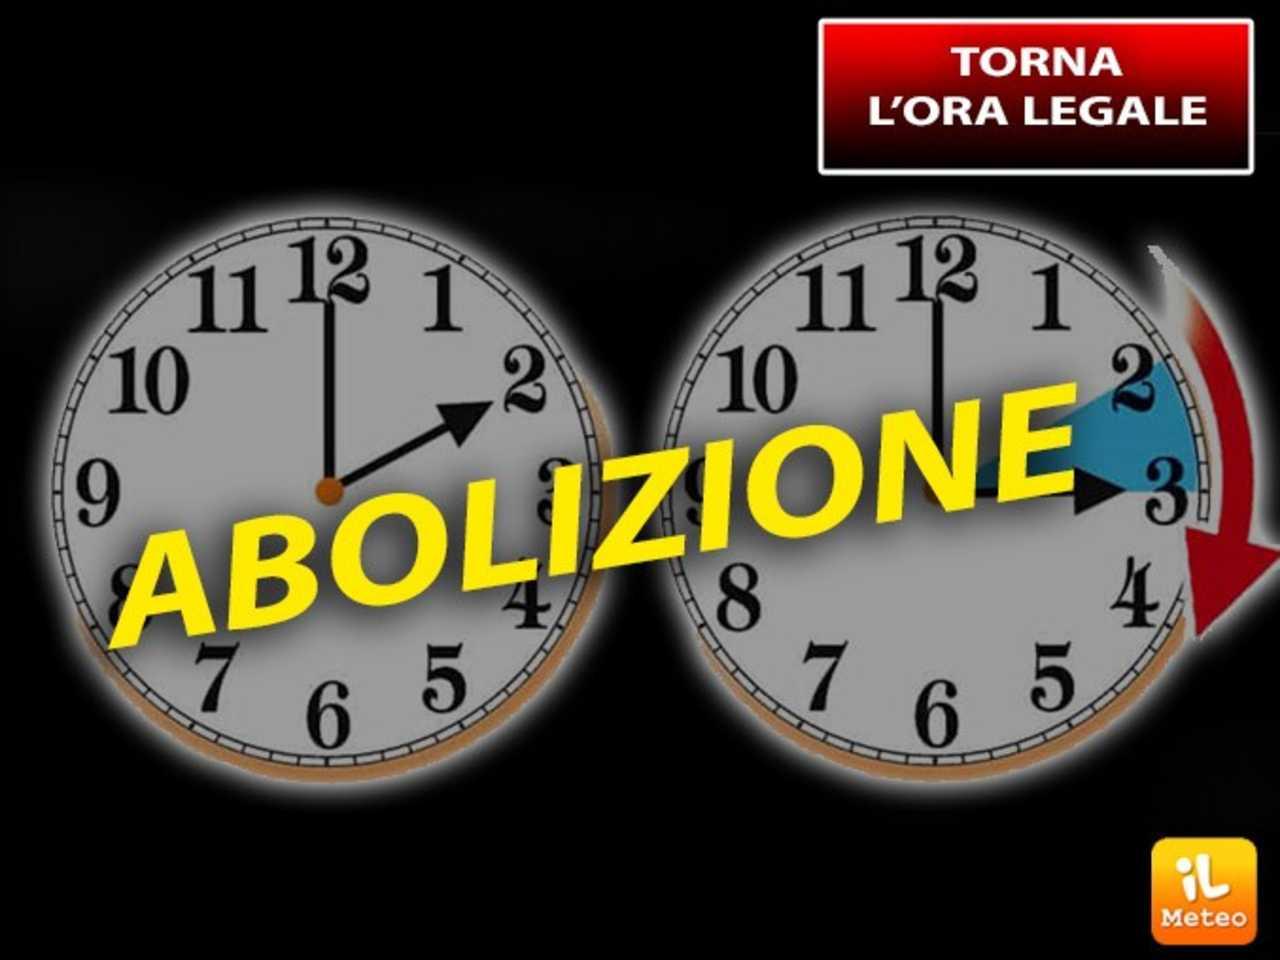 ORA LEGALE: a breve il CAMBIO, sarà L'ULTIMO? Ecco la DATA e la DECISIONE  dell'Italia sulla Possibile ABOLIZIONE » ILMETEO.it